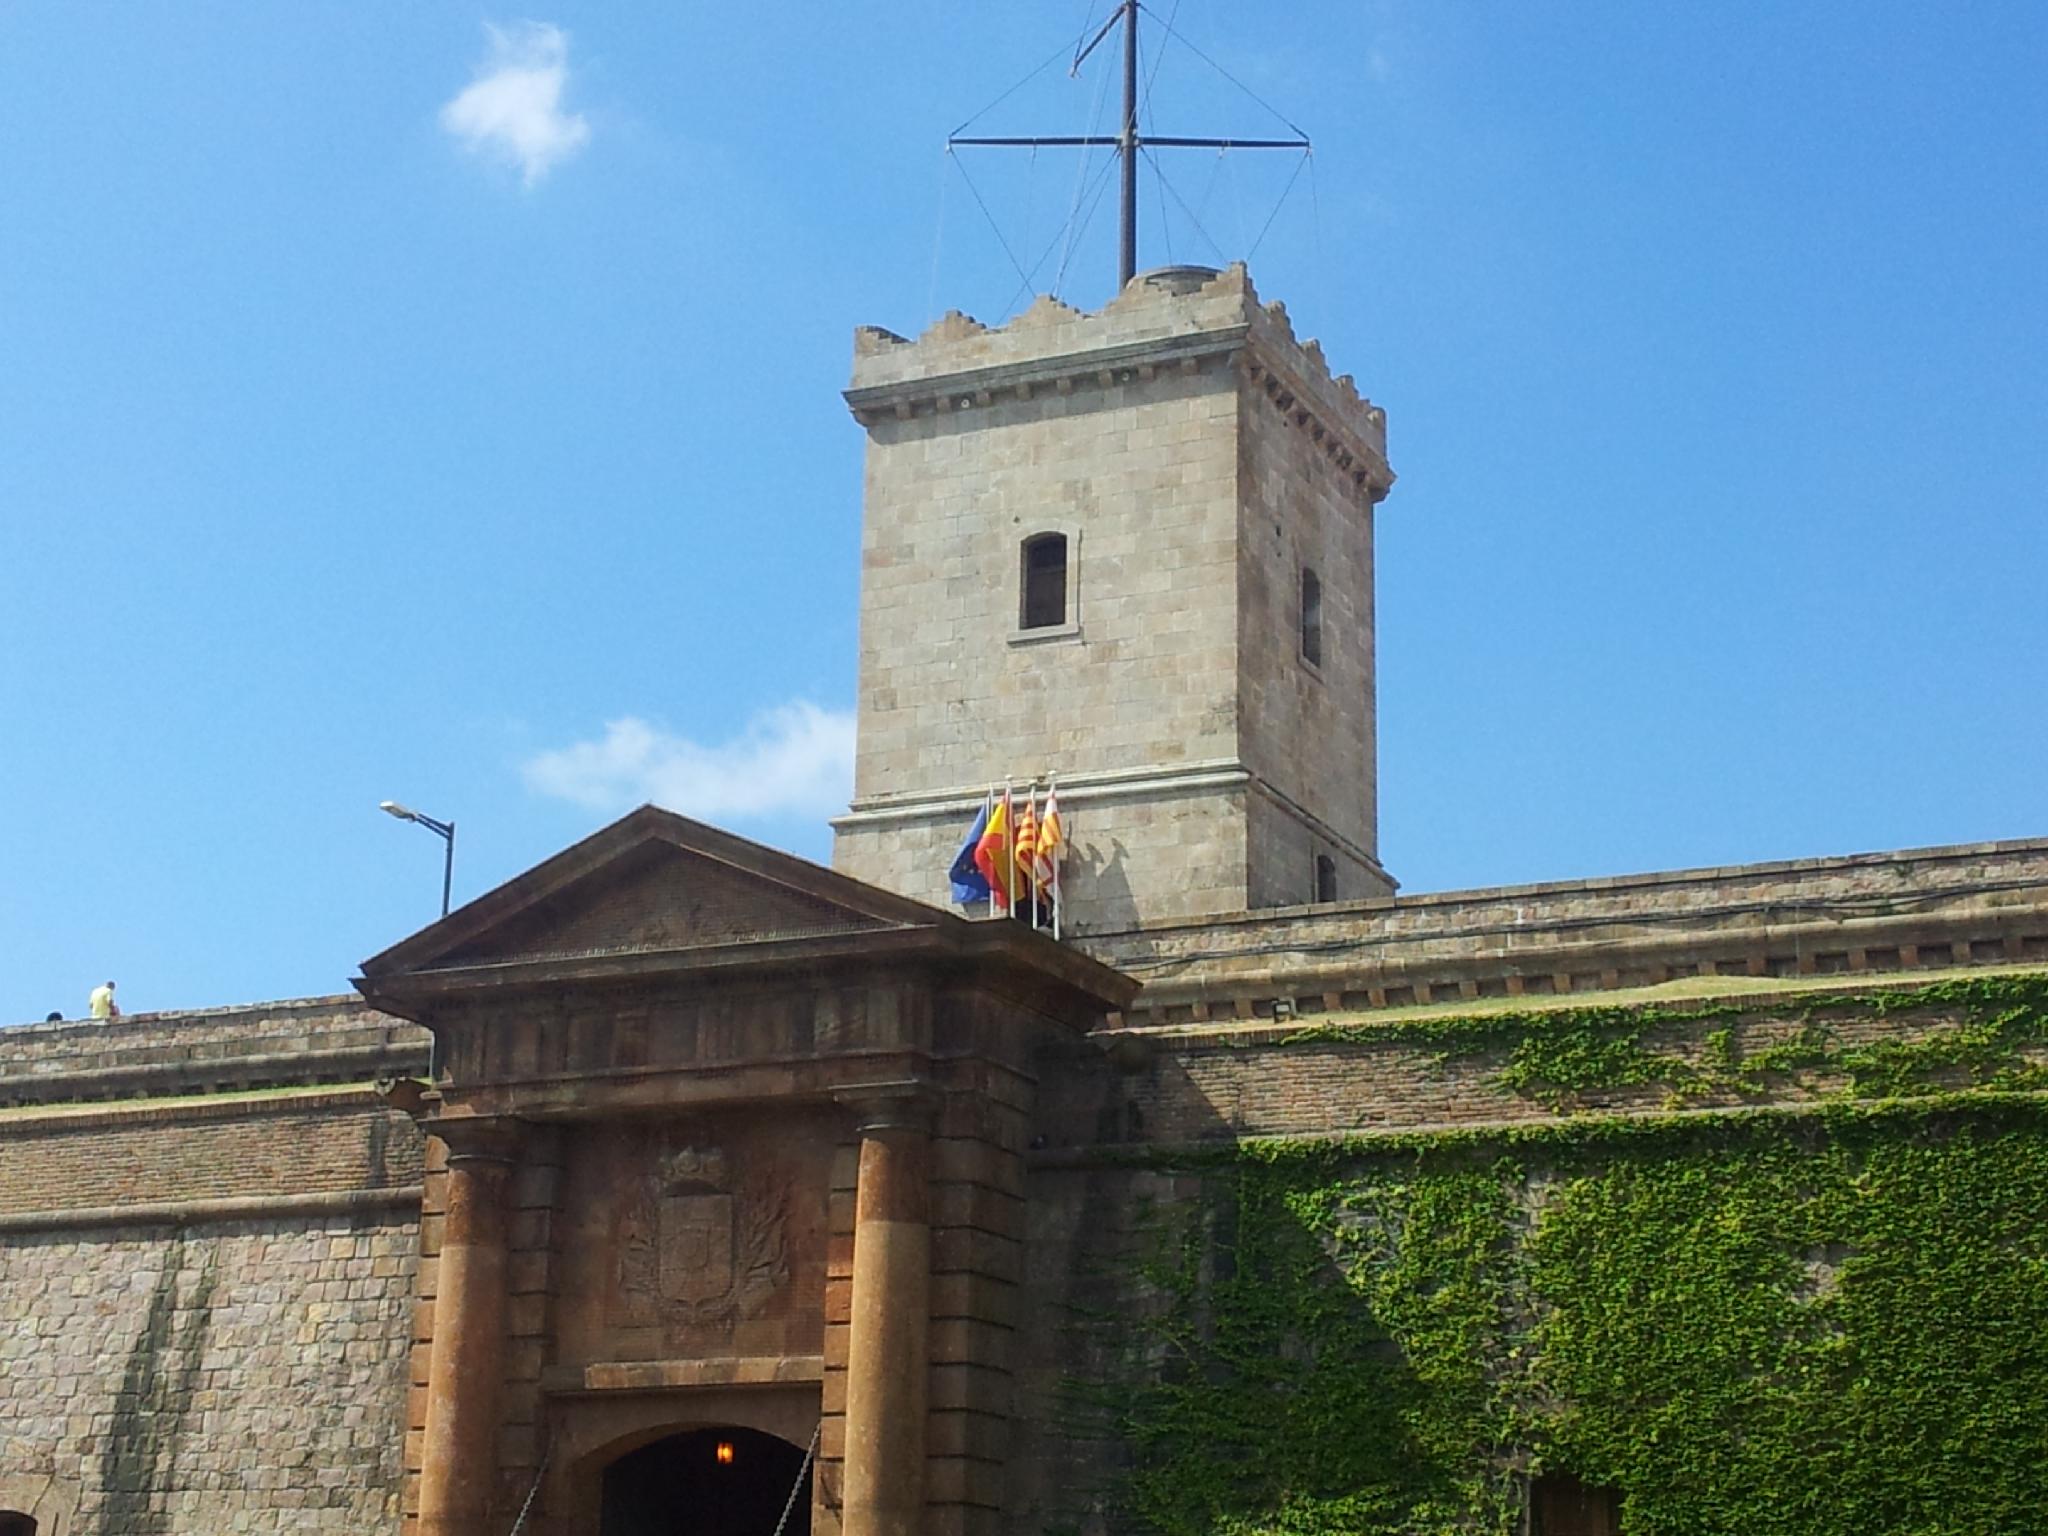 tELEGRAFIA ÒPTICA bARCELONA Lleida BL1